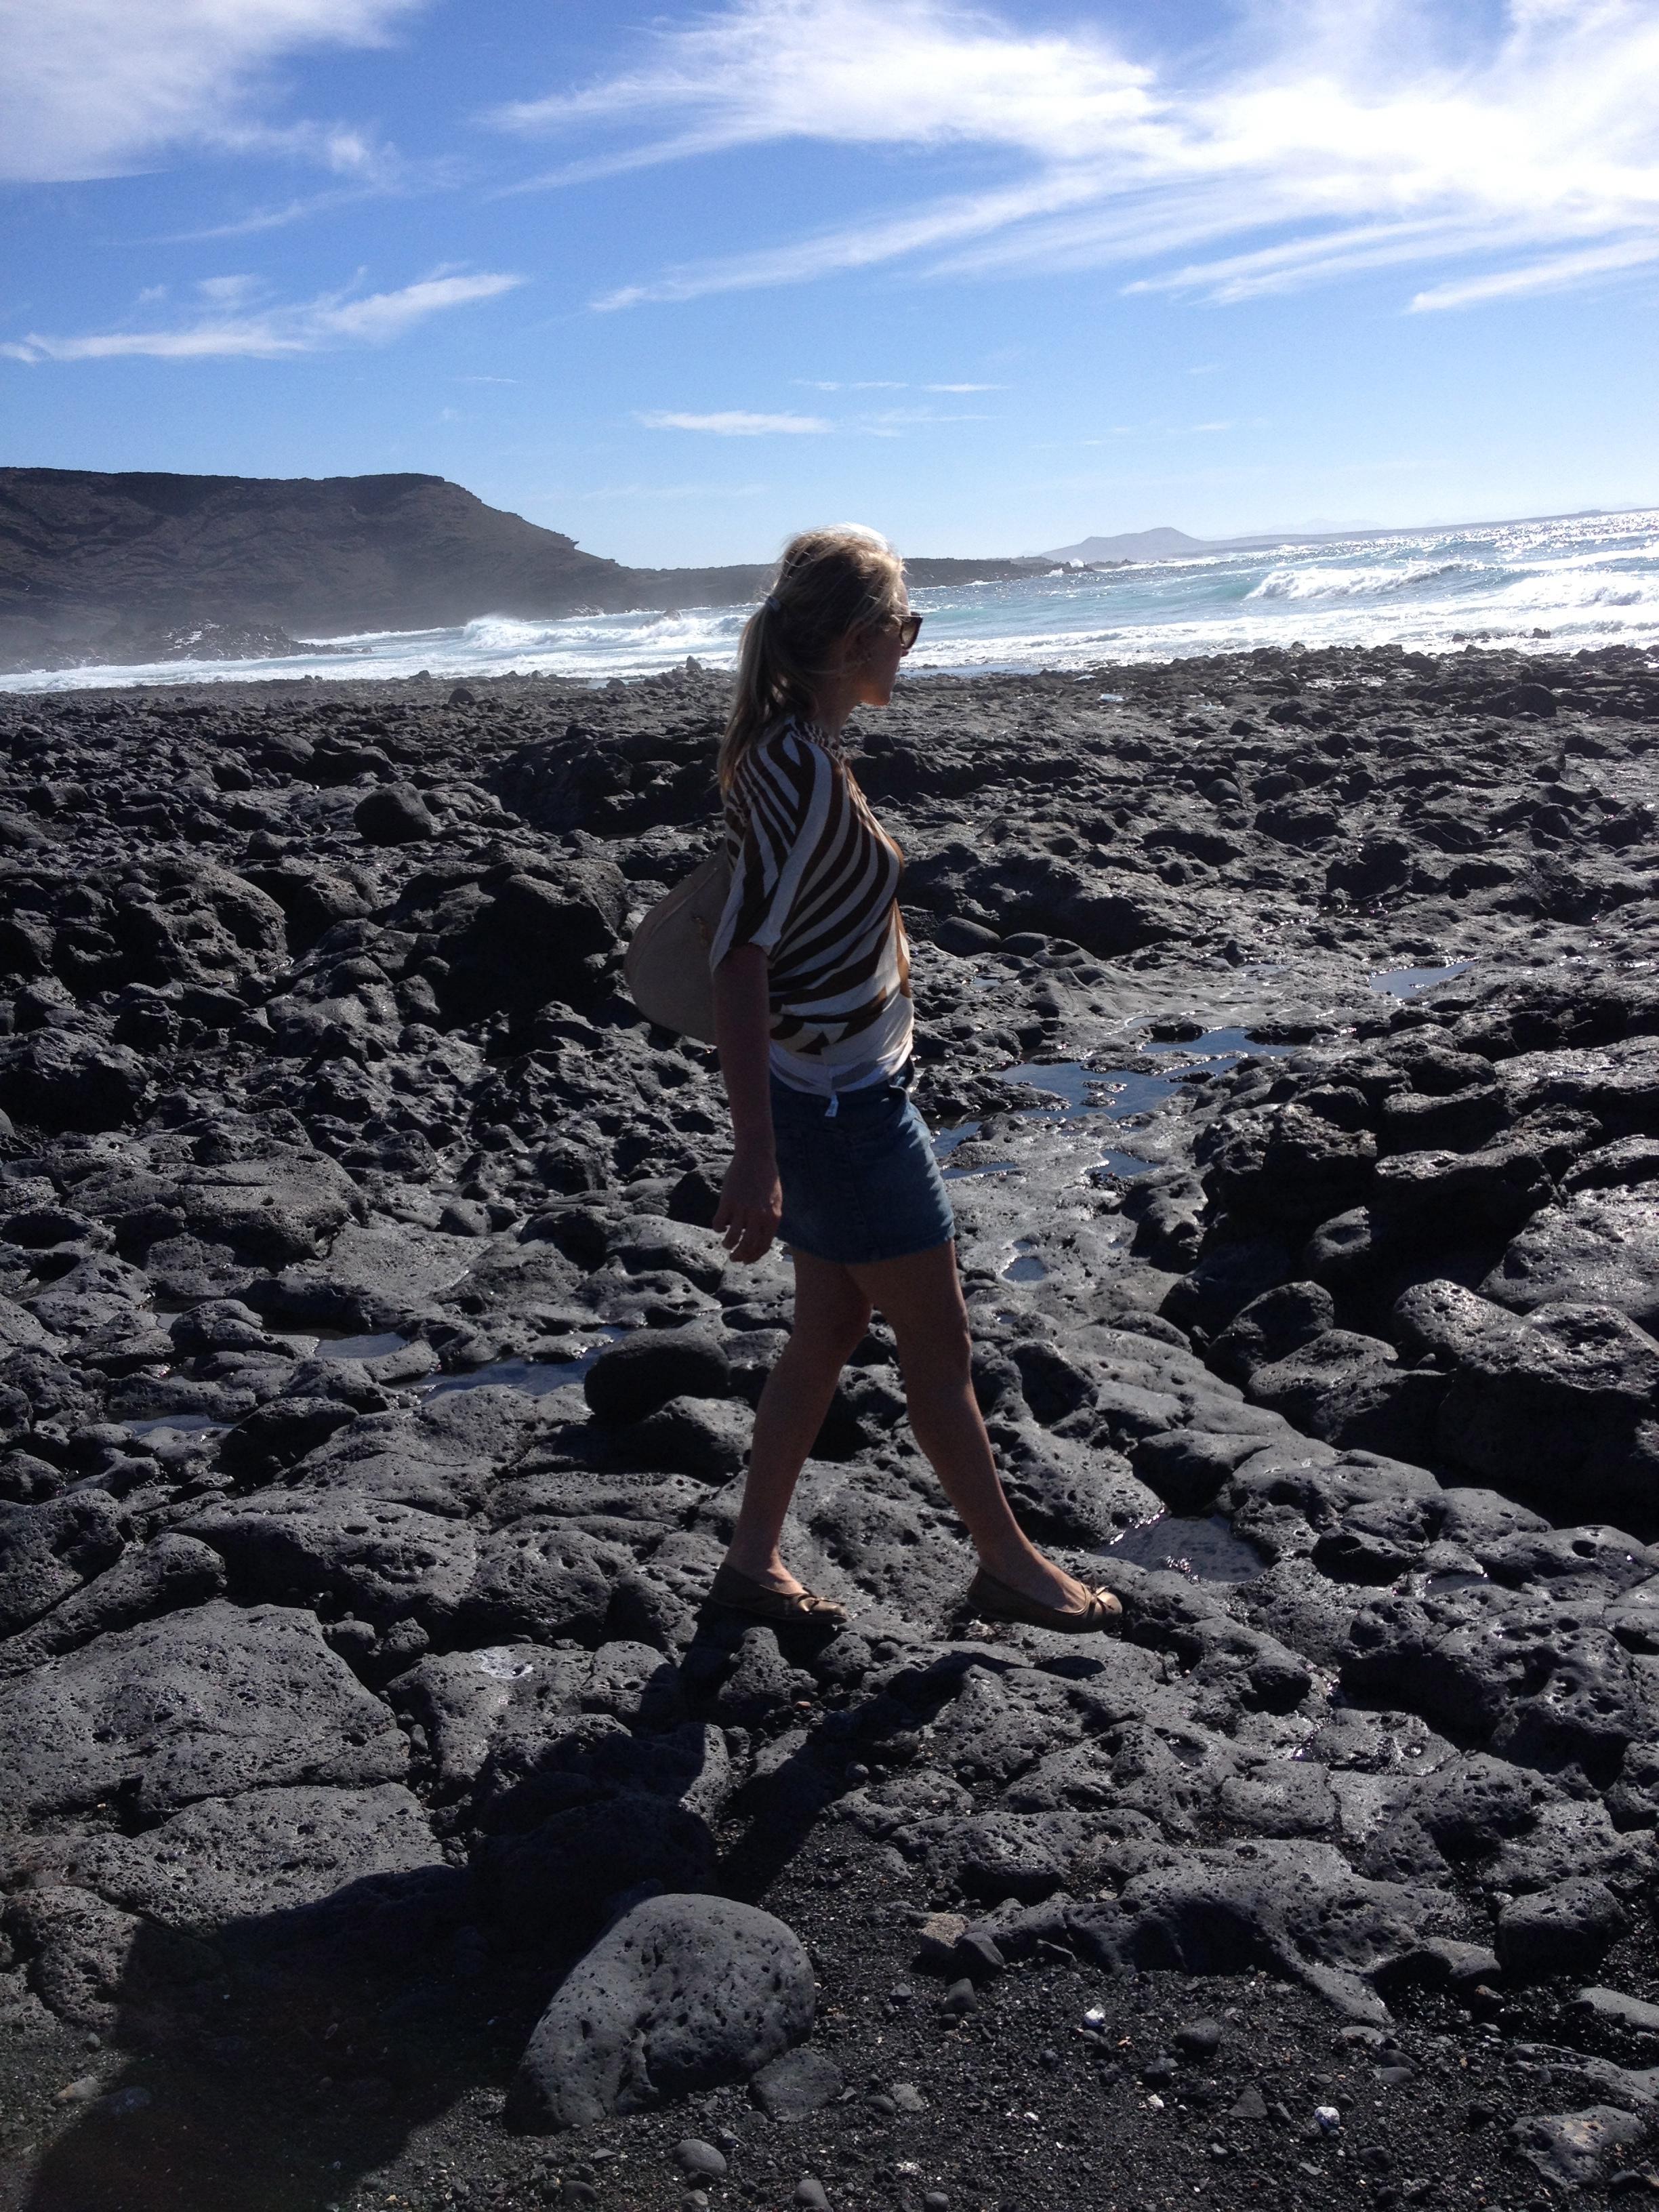 Lanzaroten mustaa maailmaa/ Lanzarote's black world